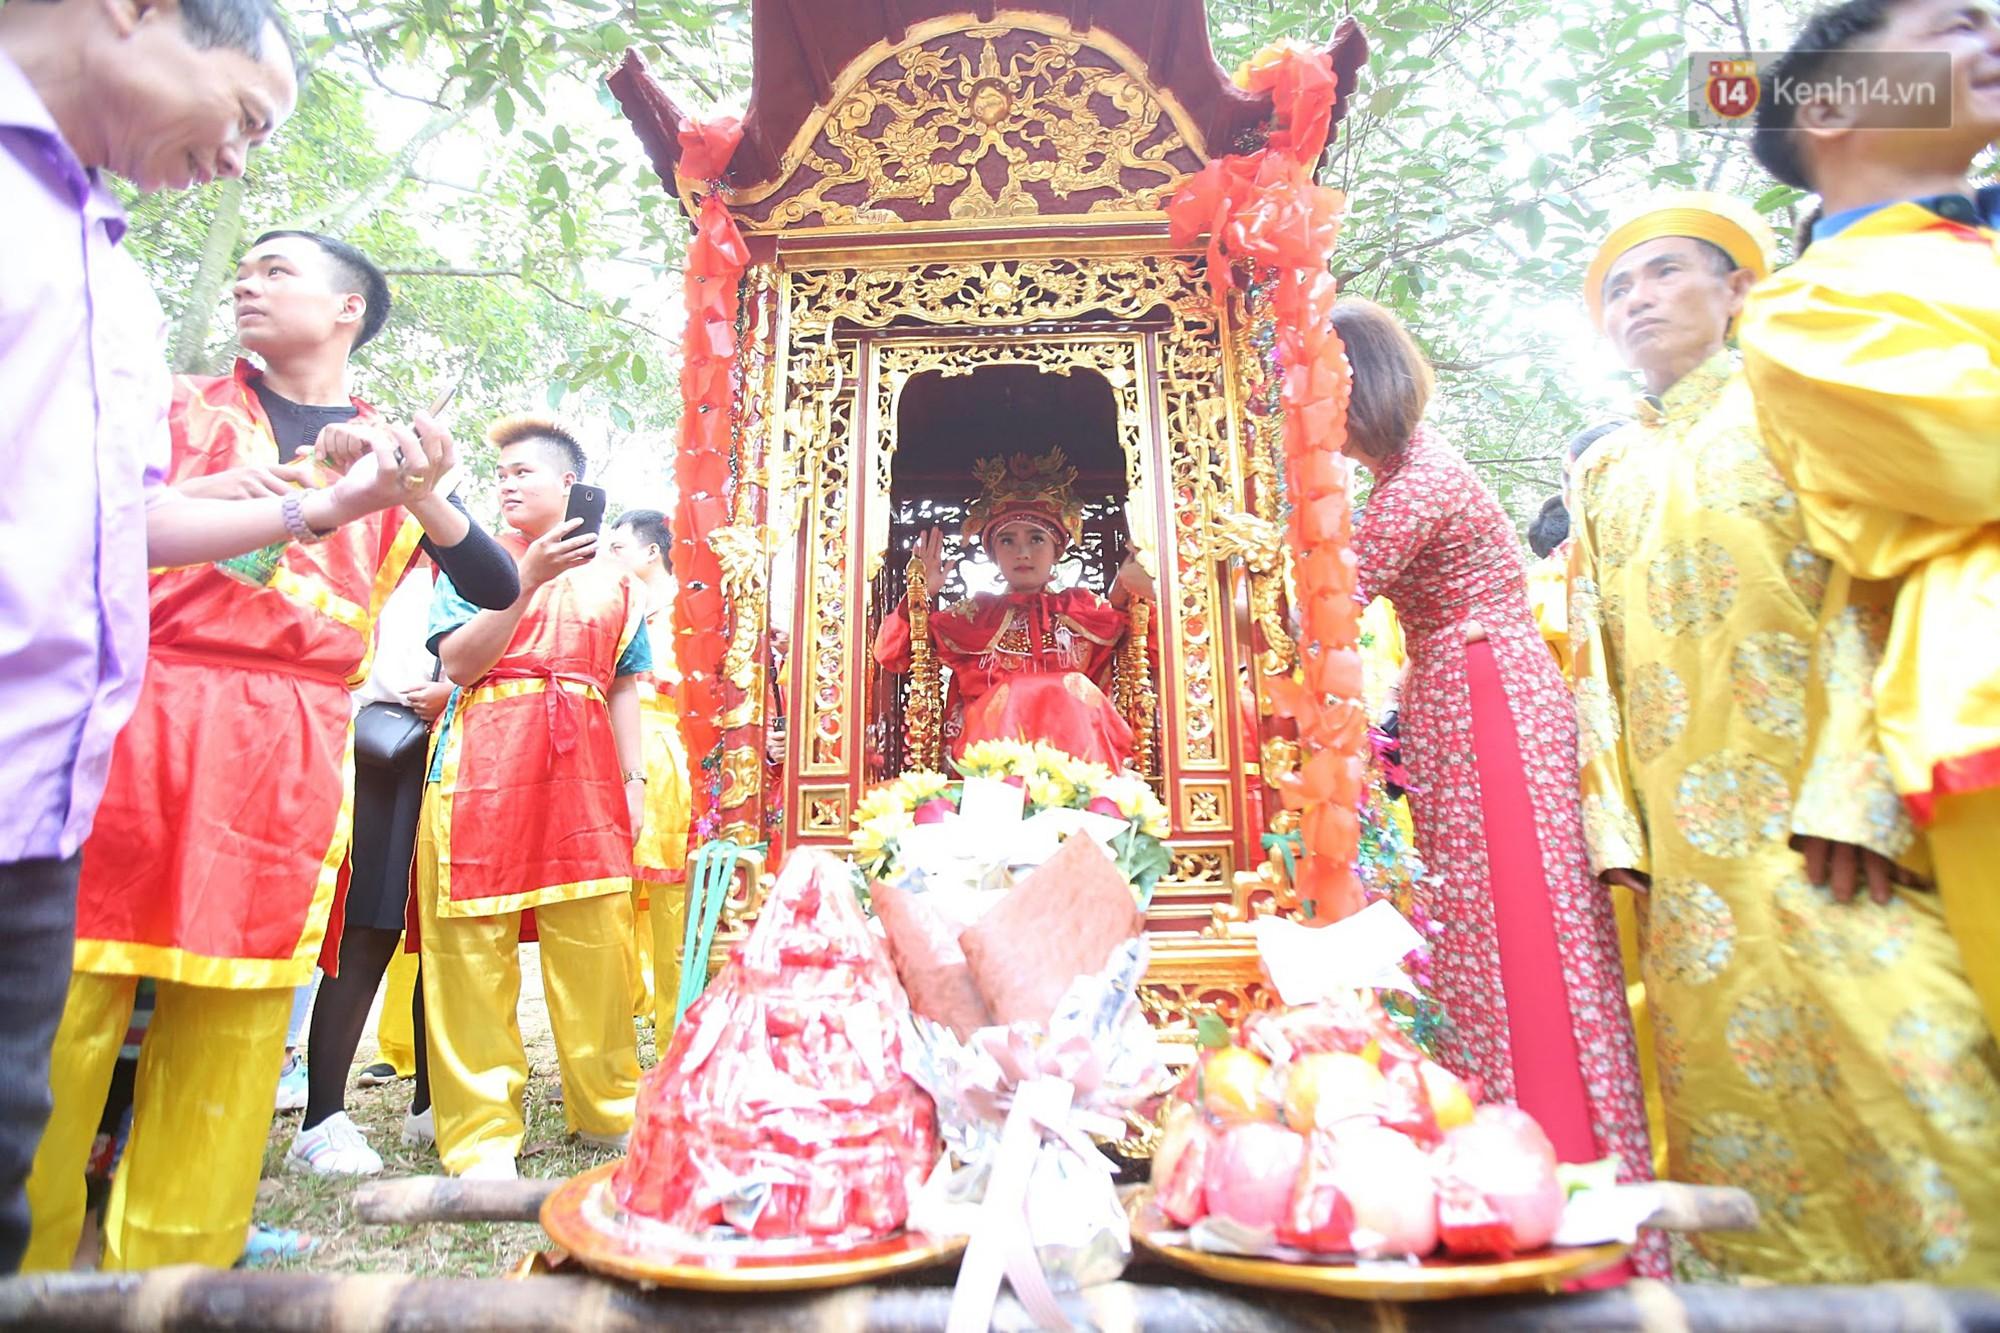 Khai hội Đền Gióng ở Hà Nội, tướng bà 12 tuổi được bảo vệ nghiêm ngặt - Ảnh 8.